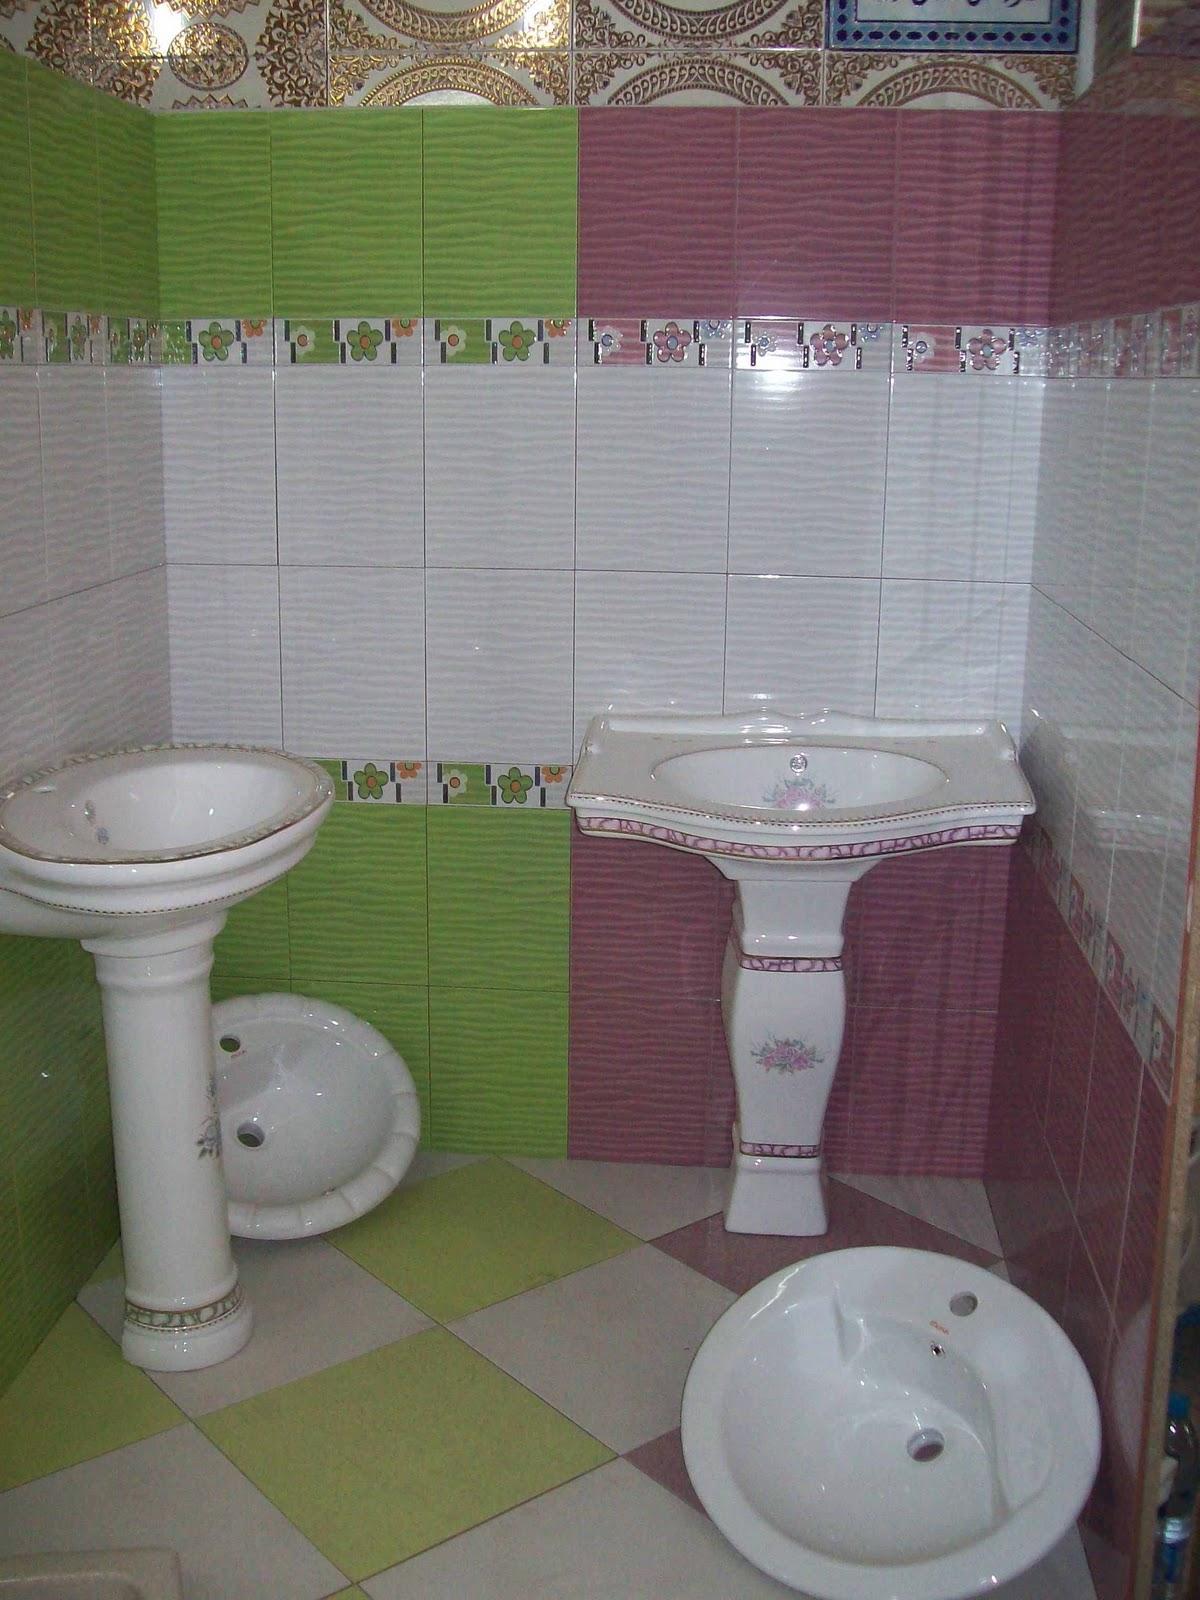 carrelage pour salle de bain - Modele Ceramique Salle De Bain En Algerie